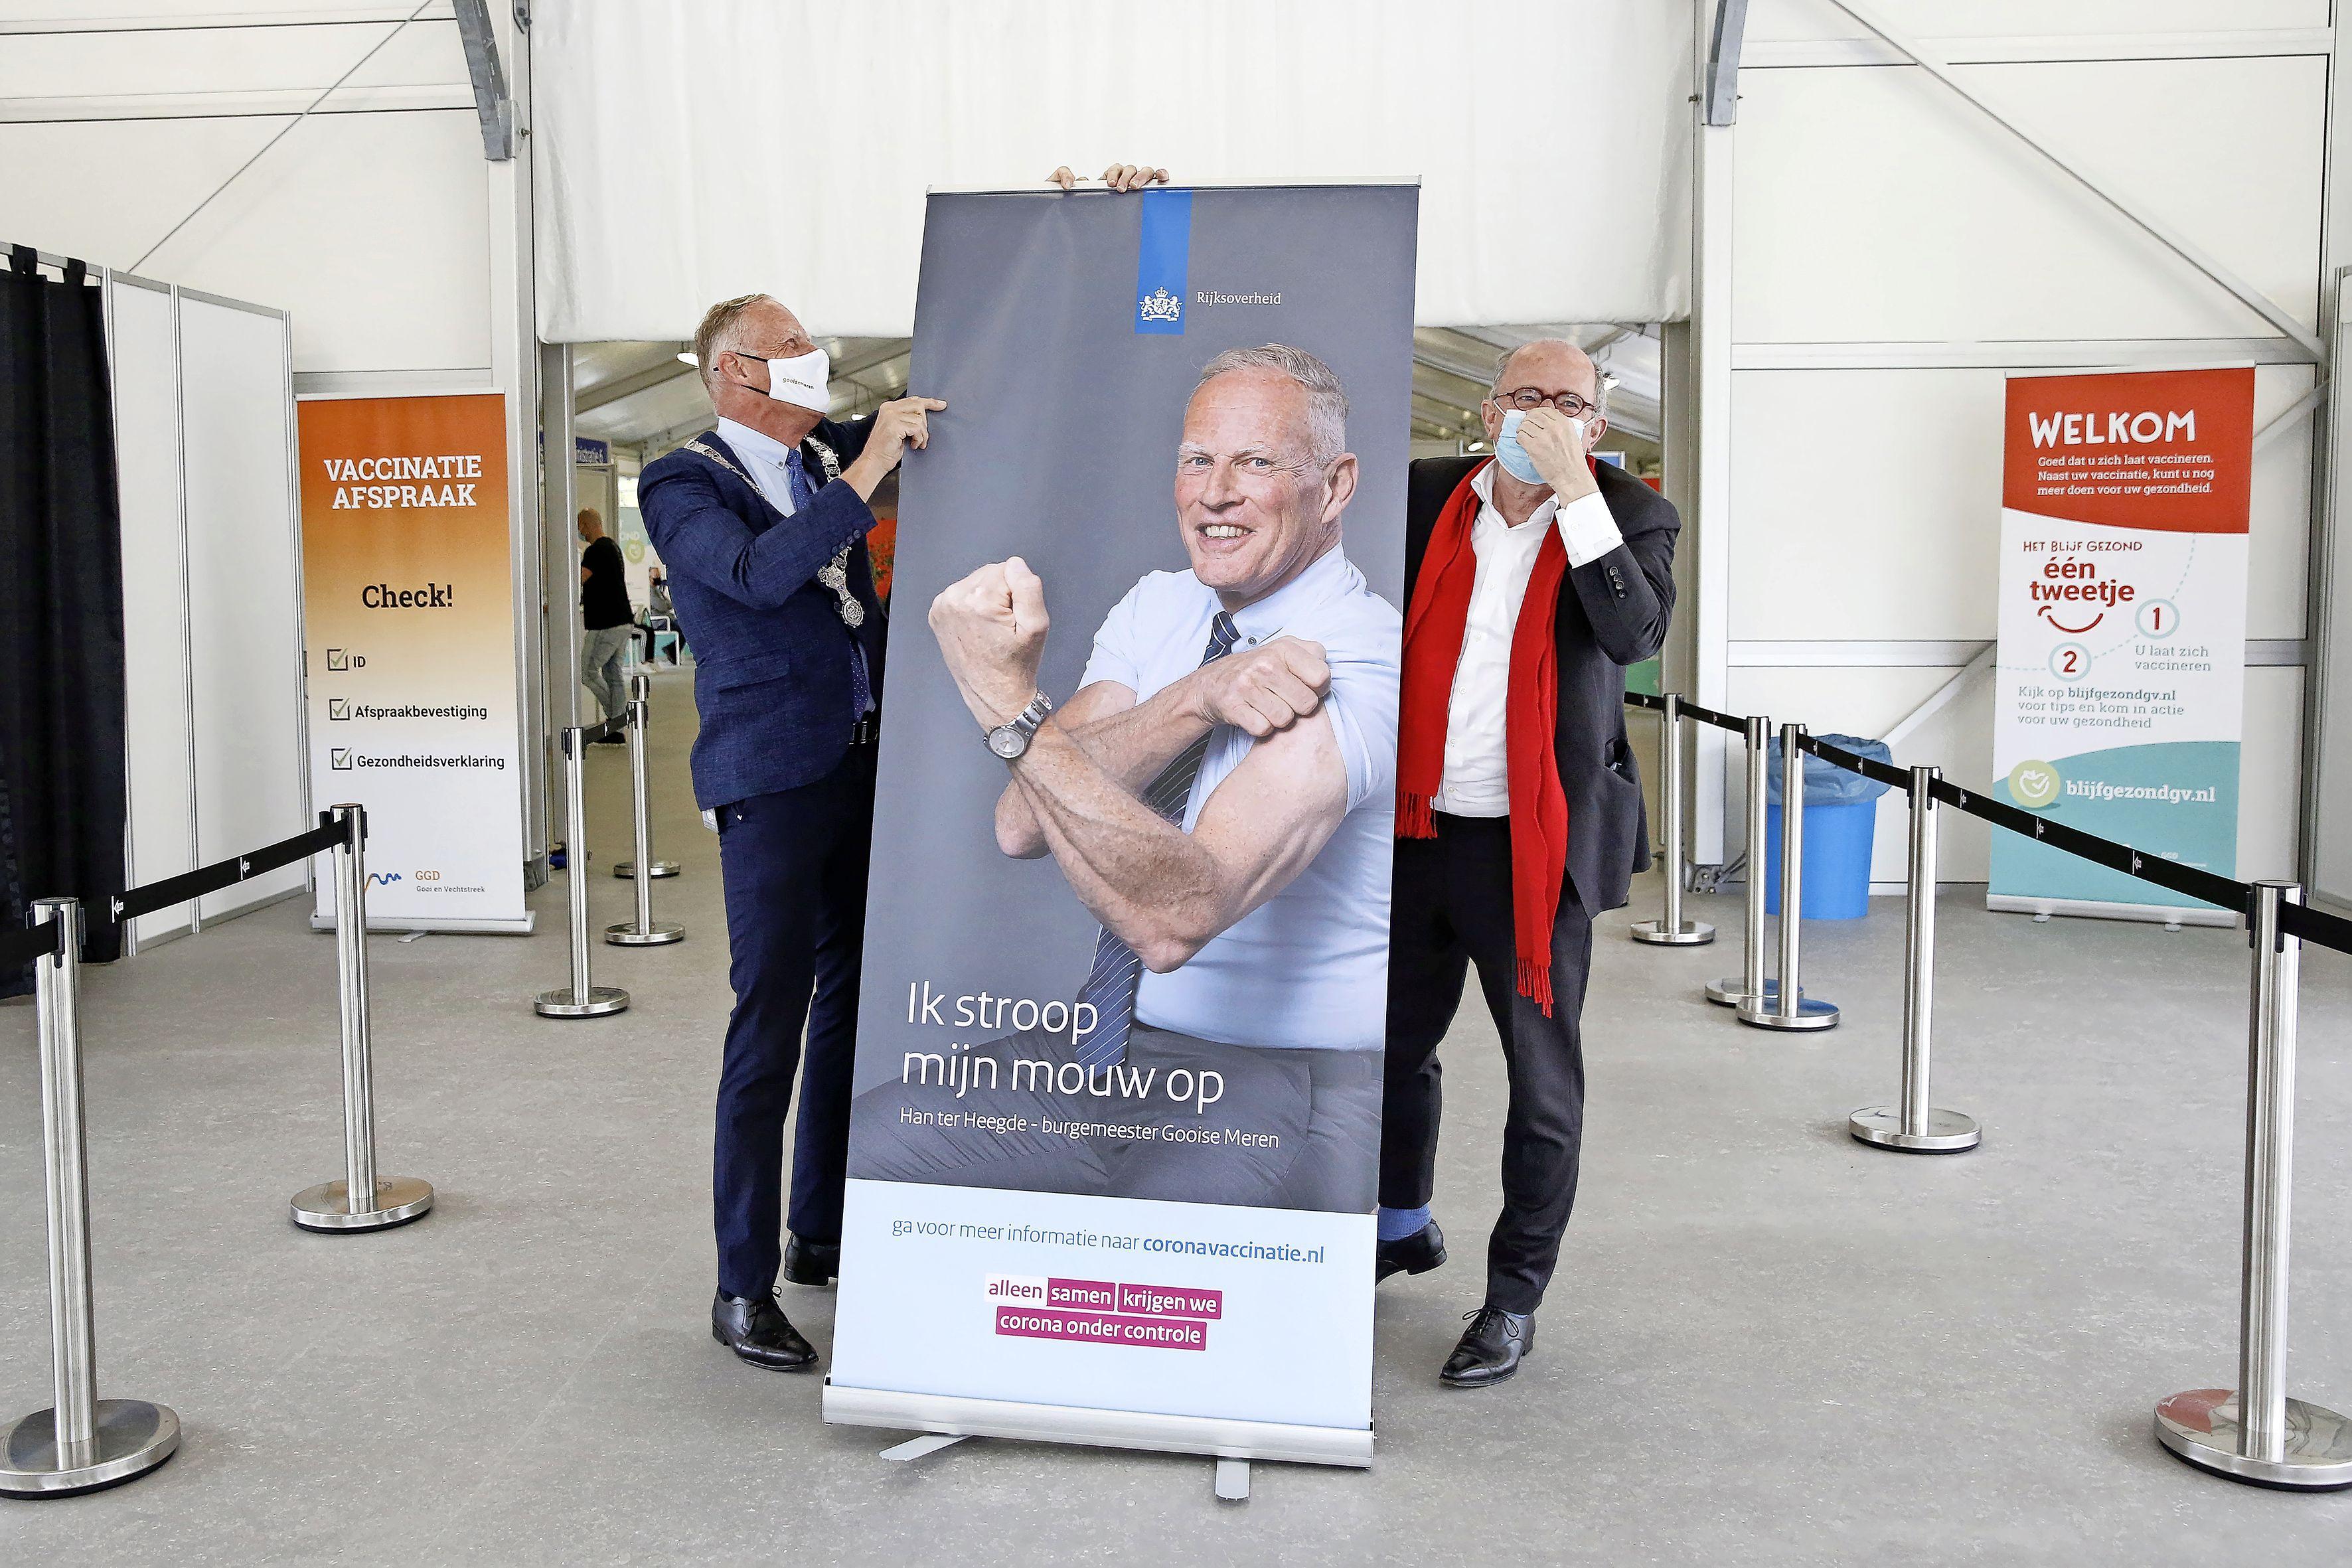 'Mooiste prikstraat' in Naarderbos nu ook geopend; Boris (18) uit Laren is een van de eerste klanten; 'Eerder een vaccin dan mijn moeder'